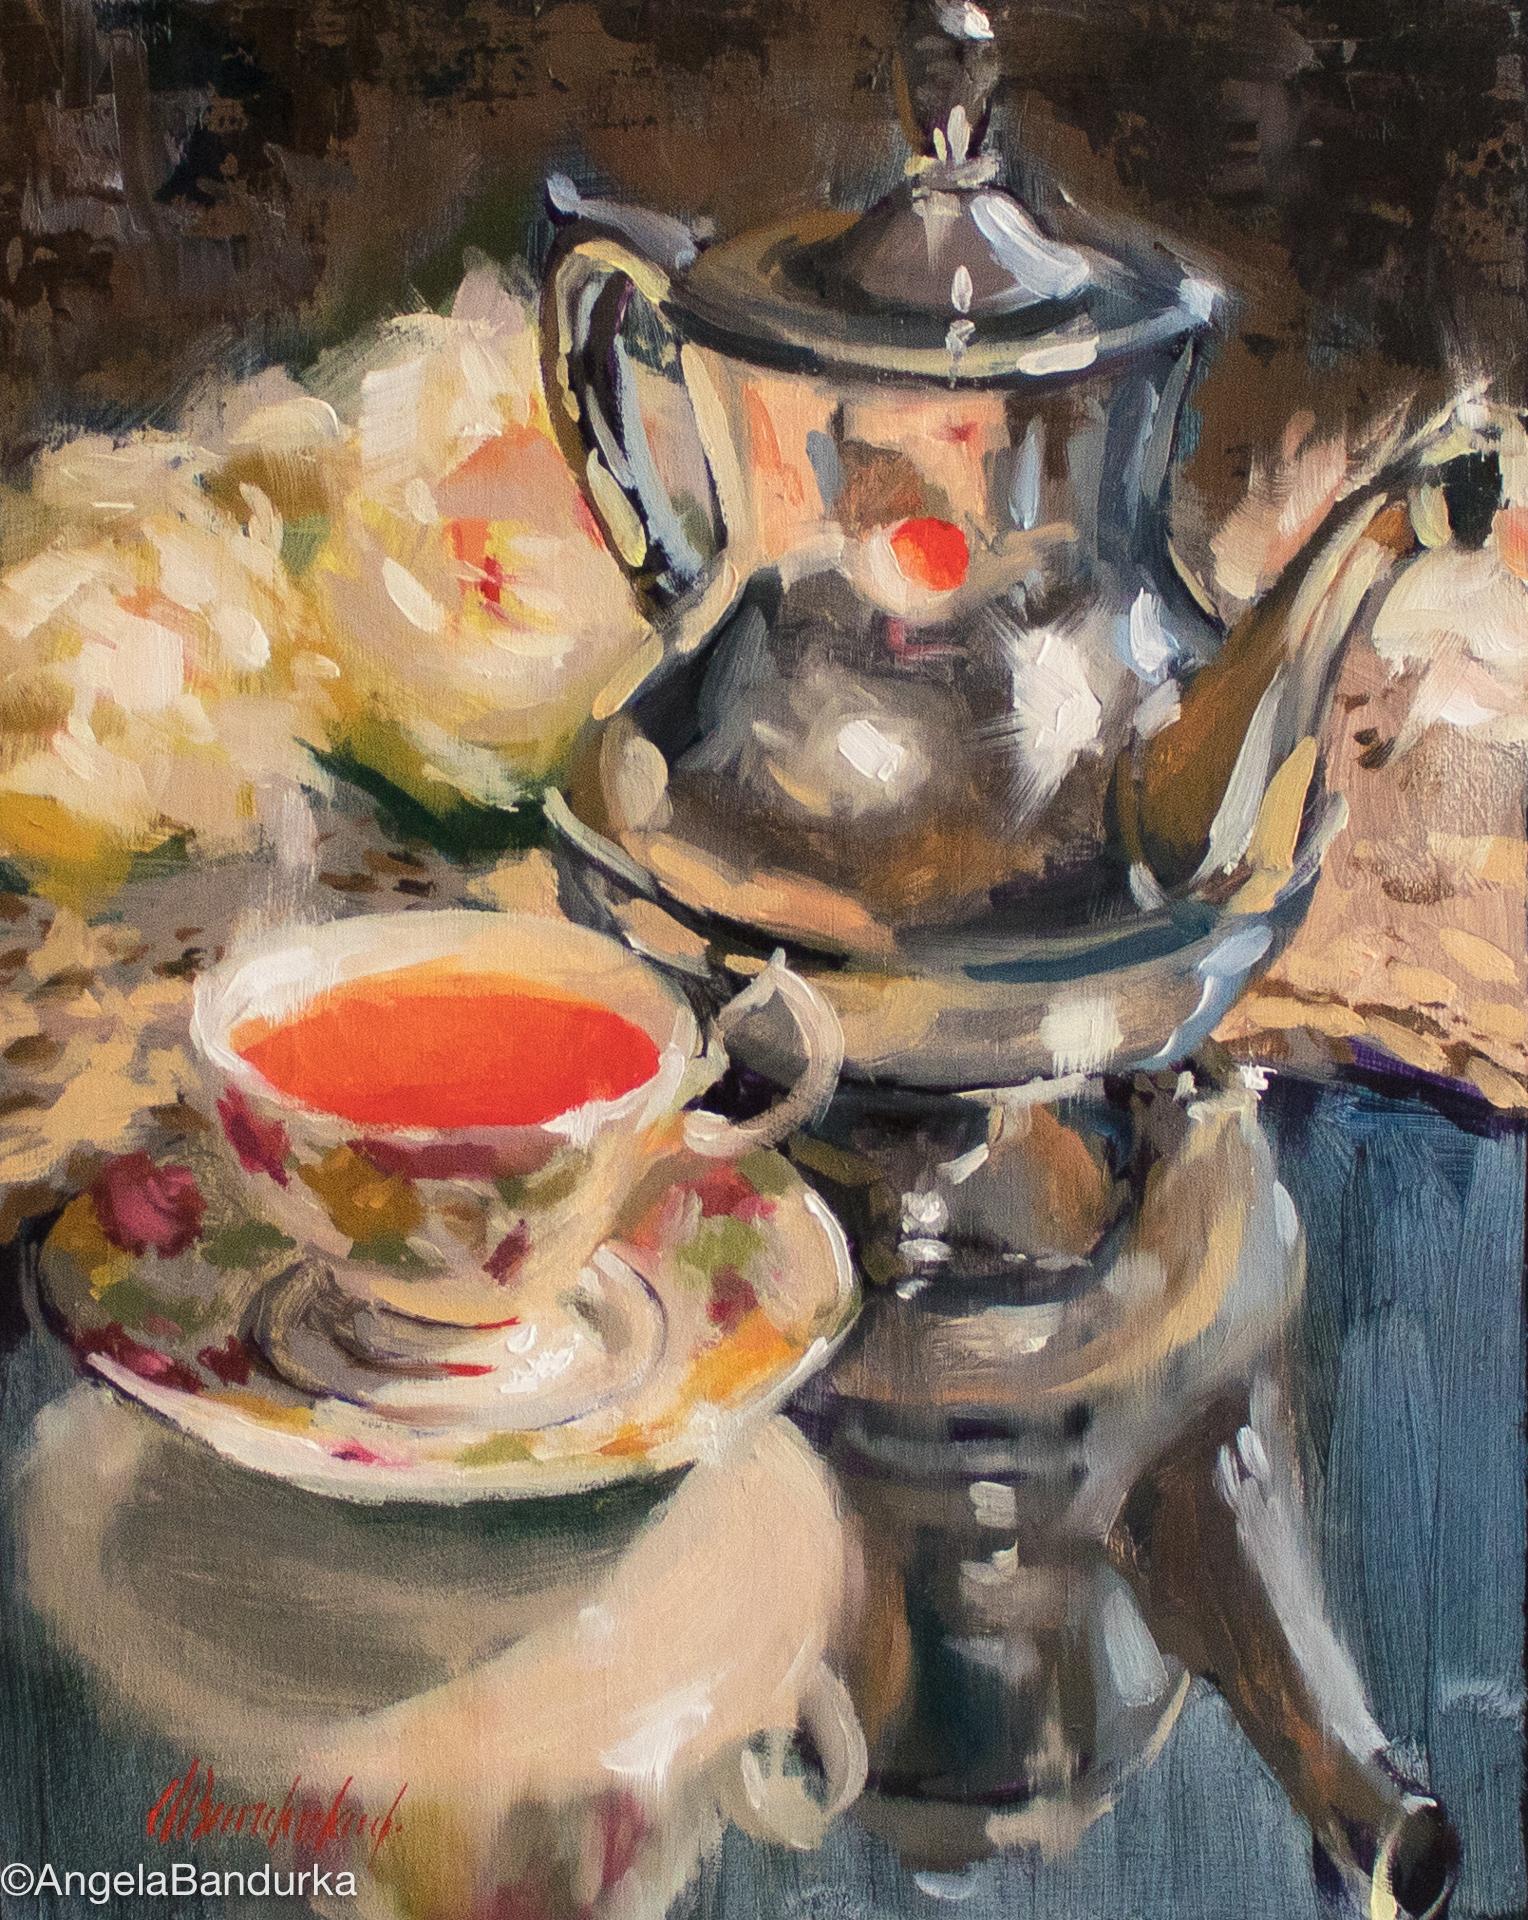 Heirloom Tea, 10x8, Oil